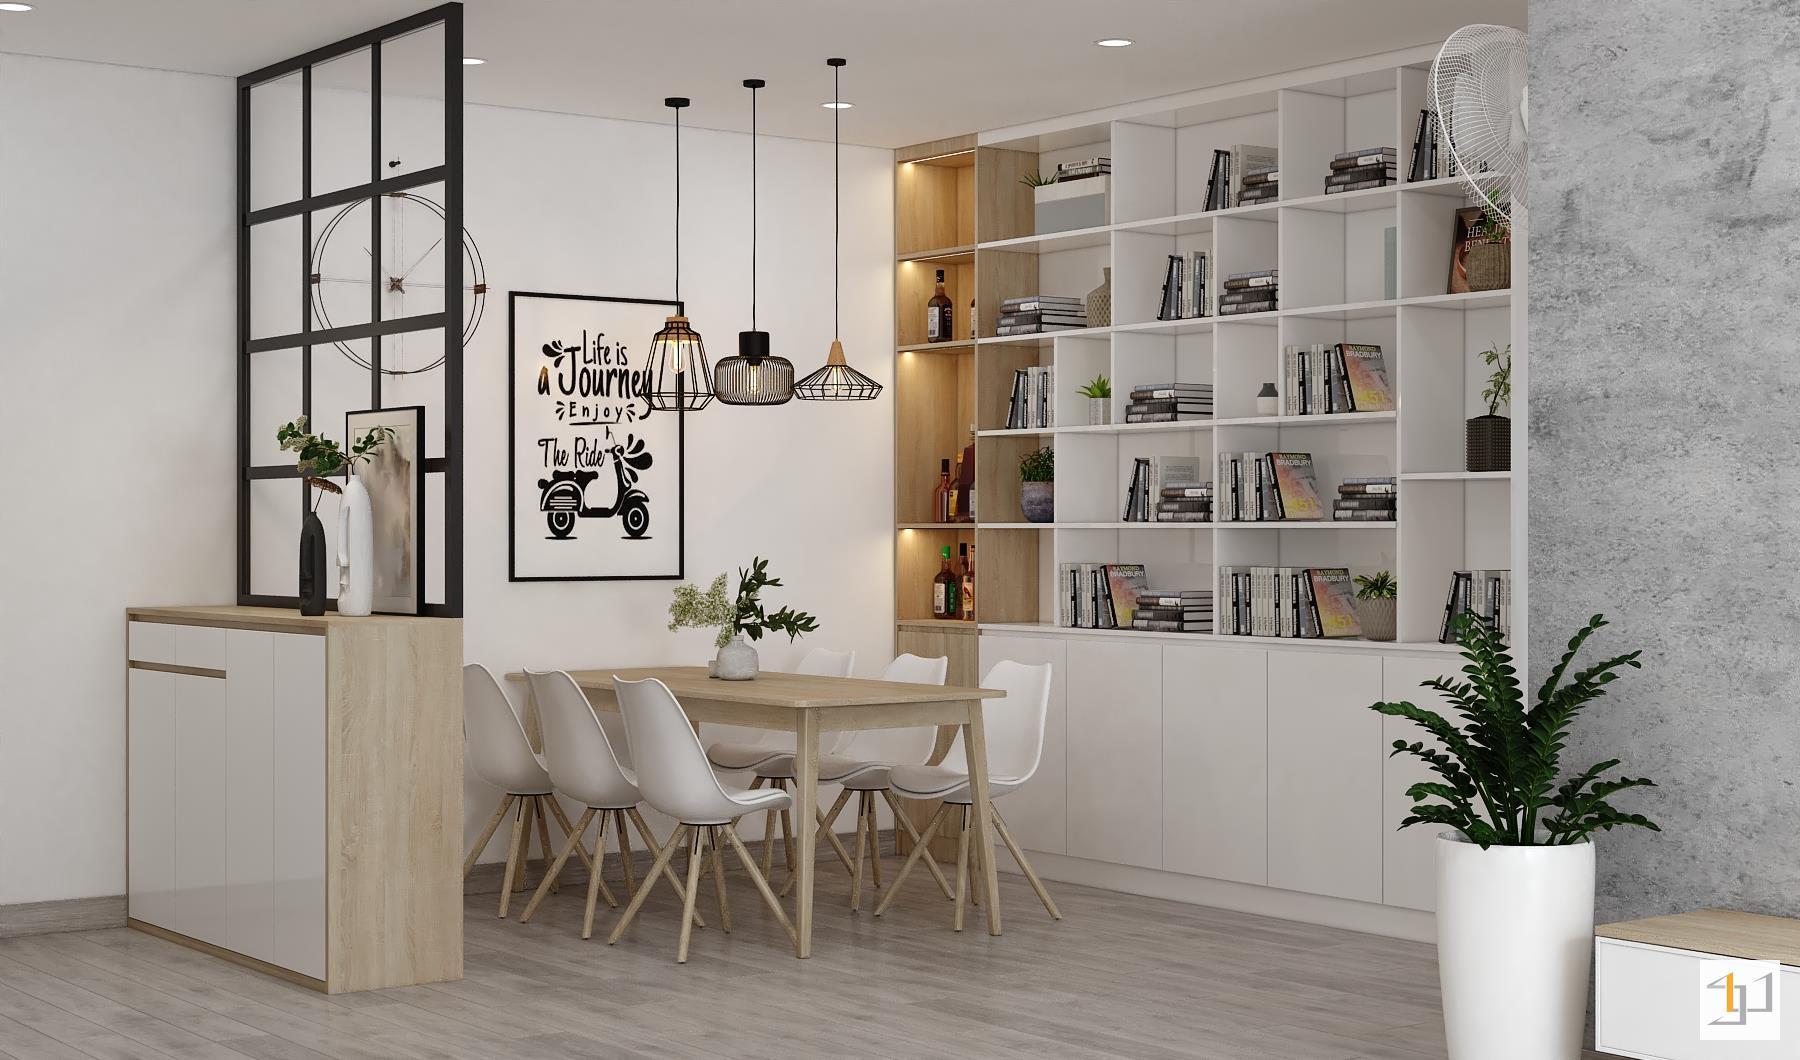 thiết kế nội thất chung cư đơn giản - 11